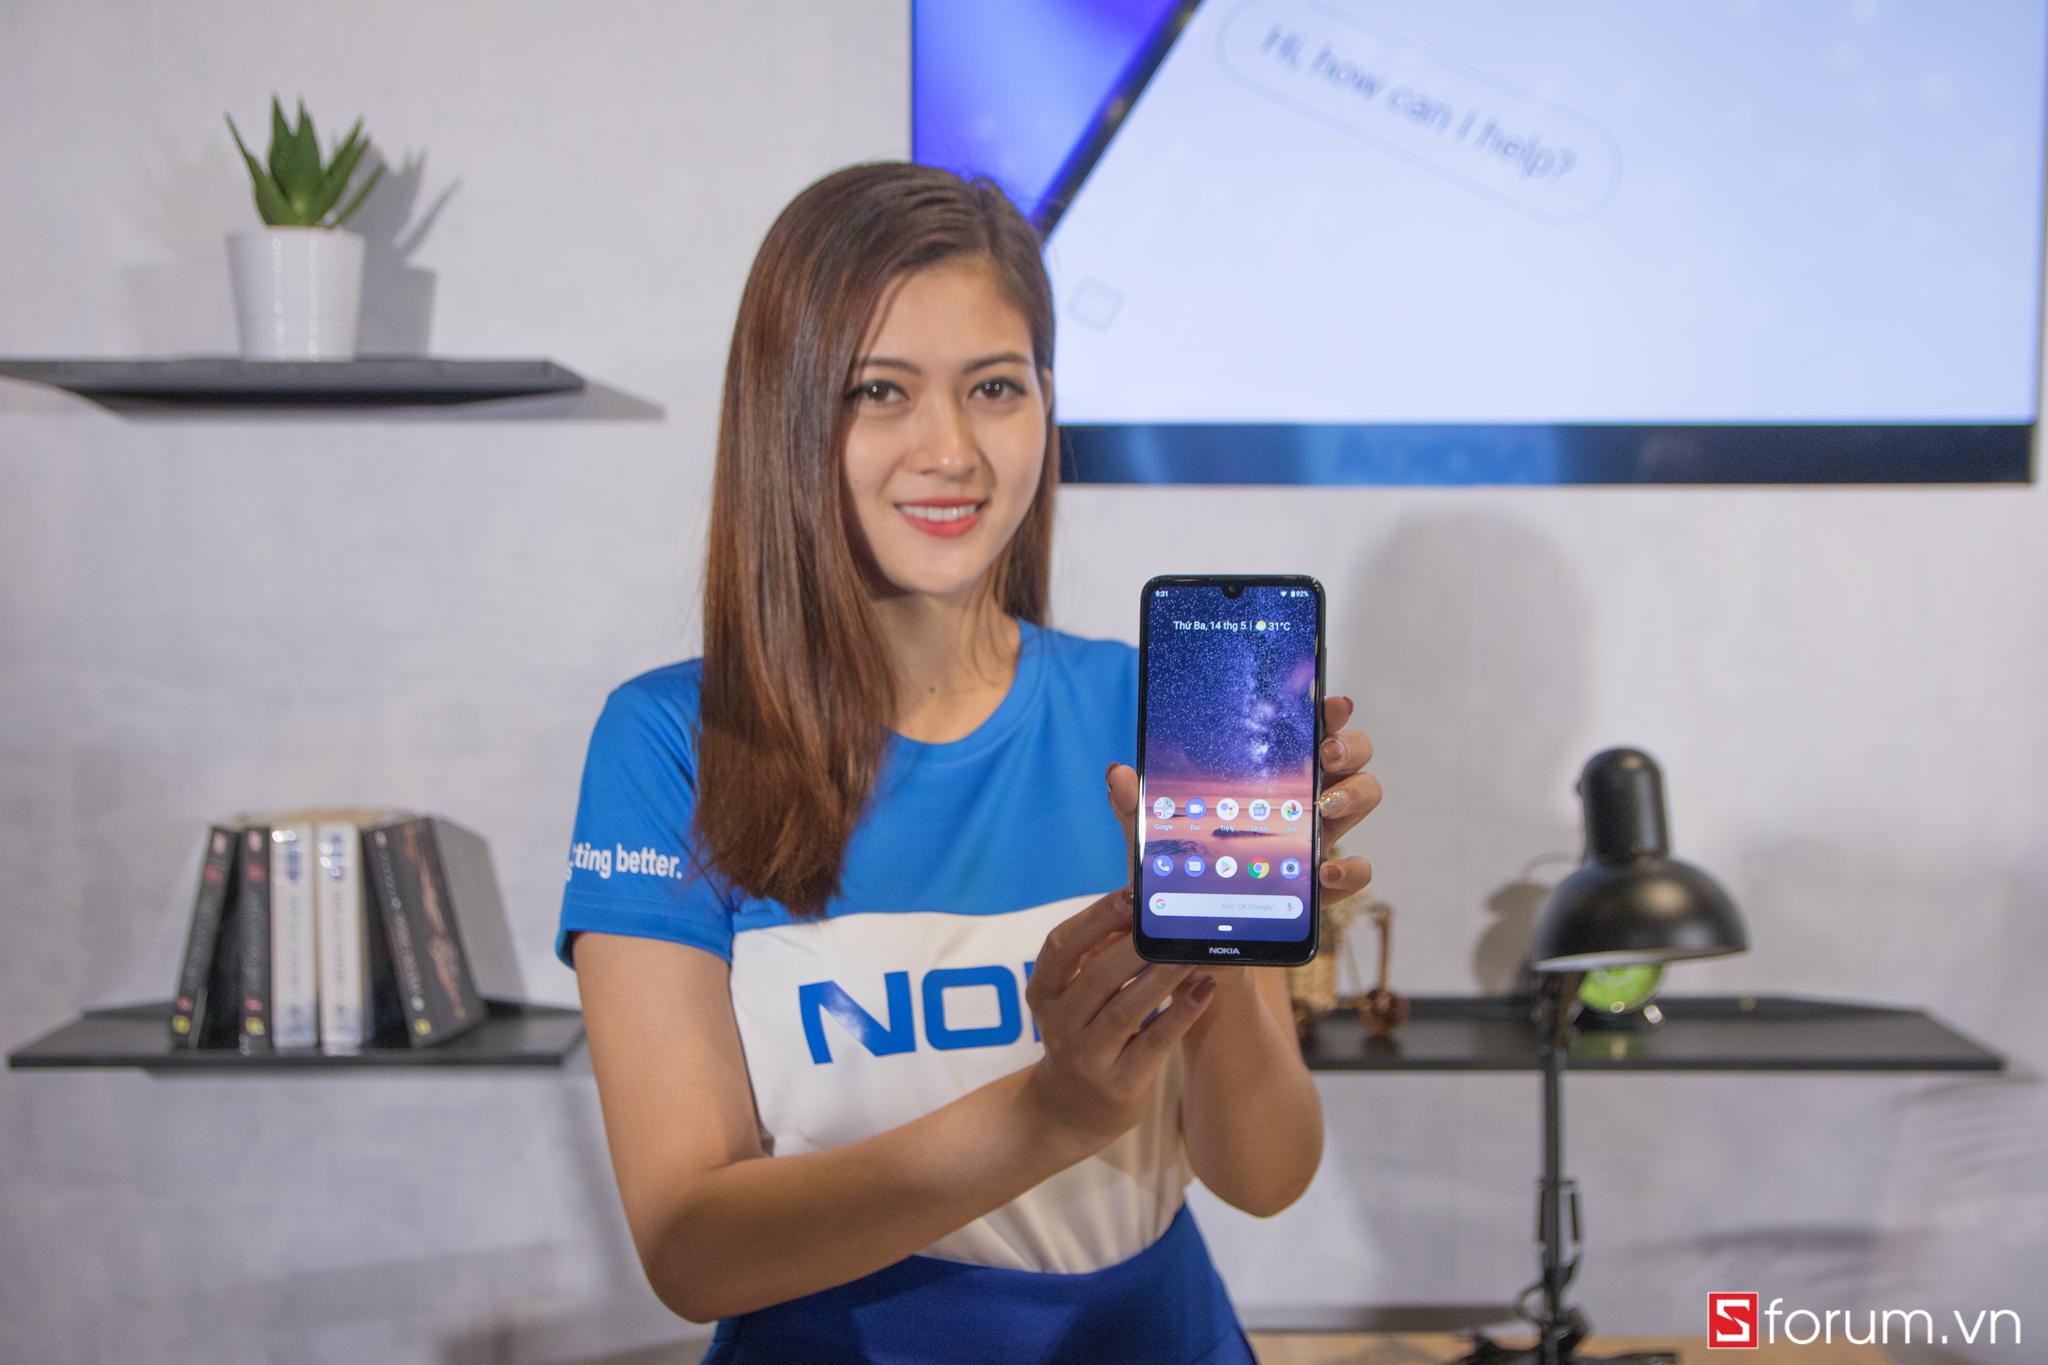 Sforum - Trang thông tin công nghệ mới nhất IMG_8480 Nokia 3.2 ra mắt: Màn hình giọt nước, có nút Google Assistant riêng, chạy Android One, giá 2.9 triệu